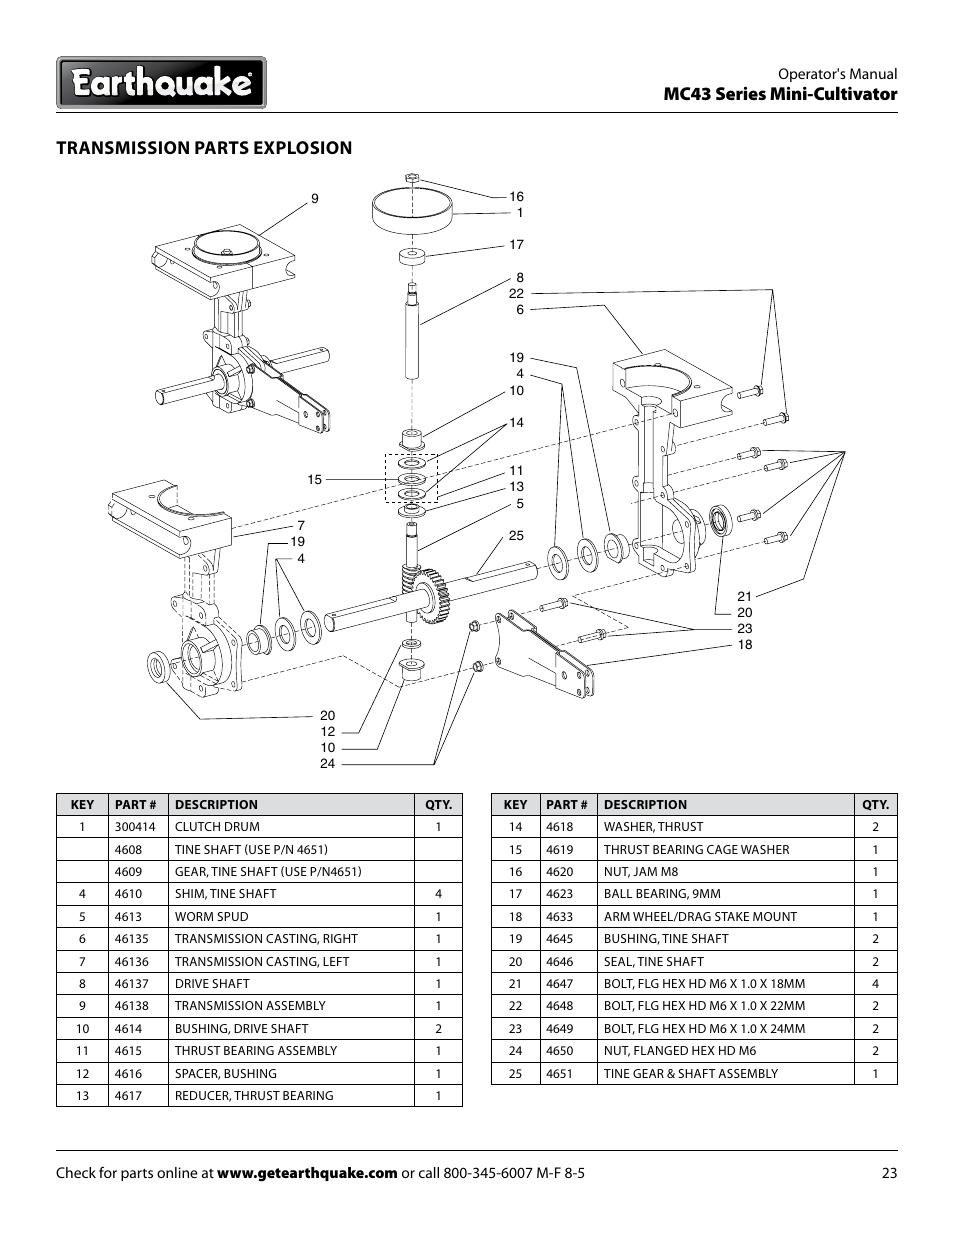 Mini Cooper Engine Parts Diagram Bgmt Data 2005 8 Schematics Wiring Diagrams U2022 Rh Seniorlivinguniversity Co 2004 Compartment